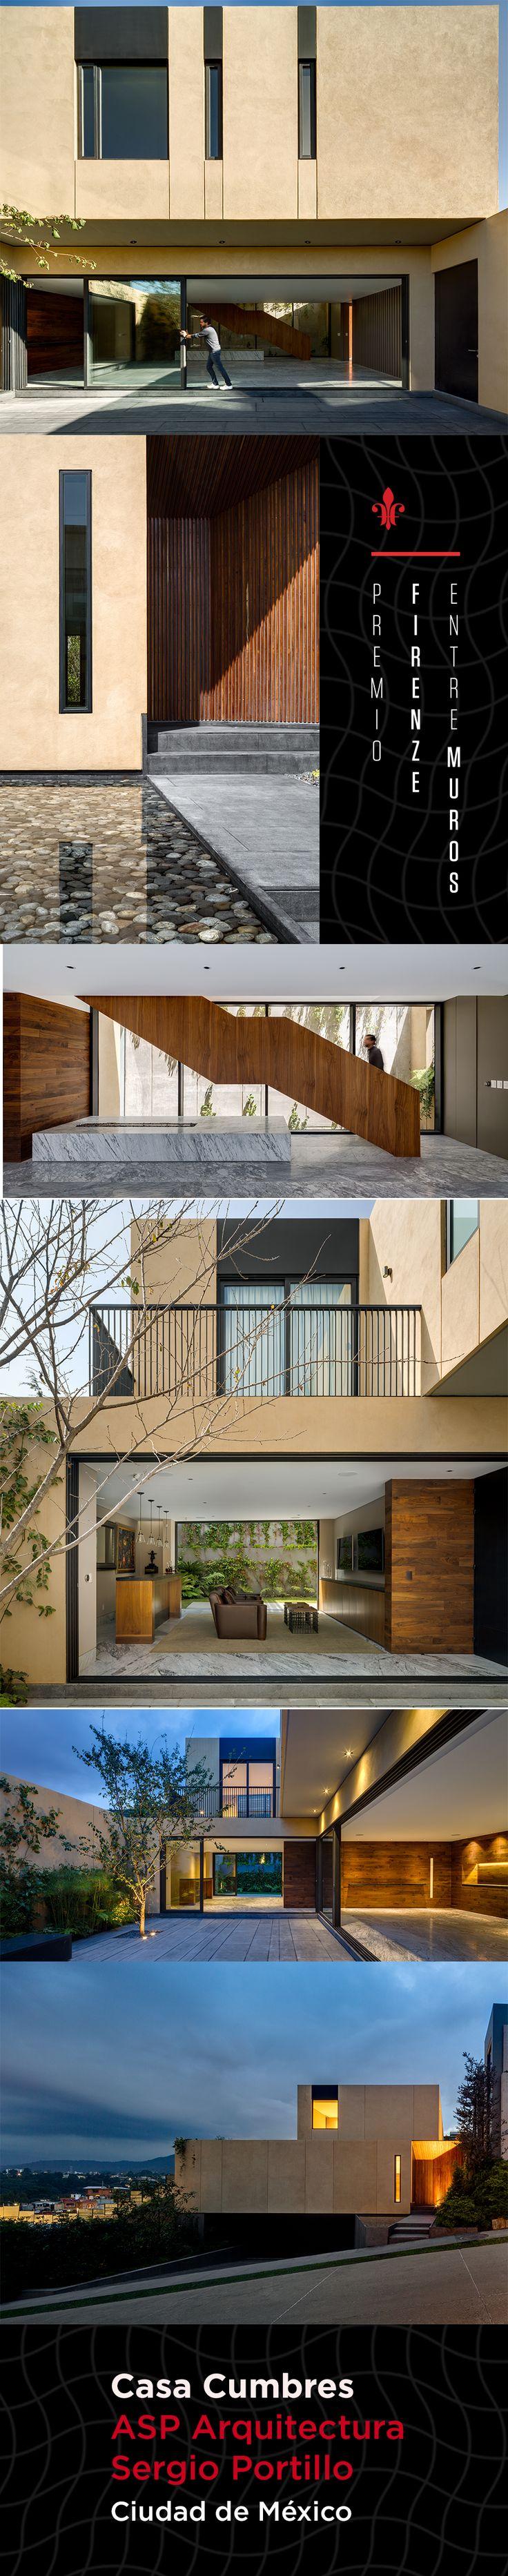 El programa arquitectónico de esta residencia se desenvuelve a partir de un gran patio del que resulta un diálogo entre interior y exterior y al que se debe la autosuficiencia climática. La definición del material se dio por la tierra comprimida.